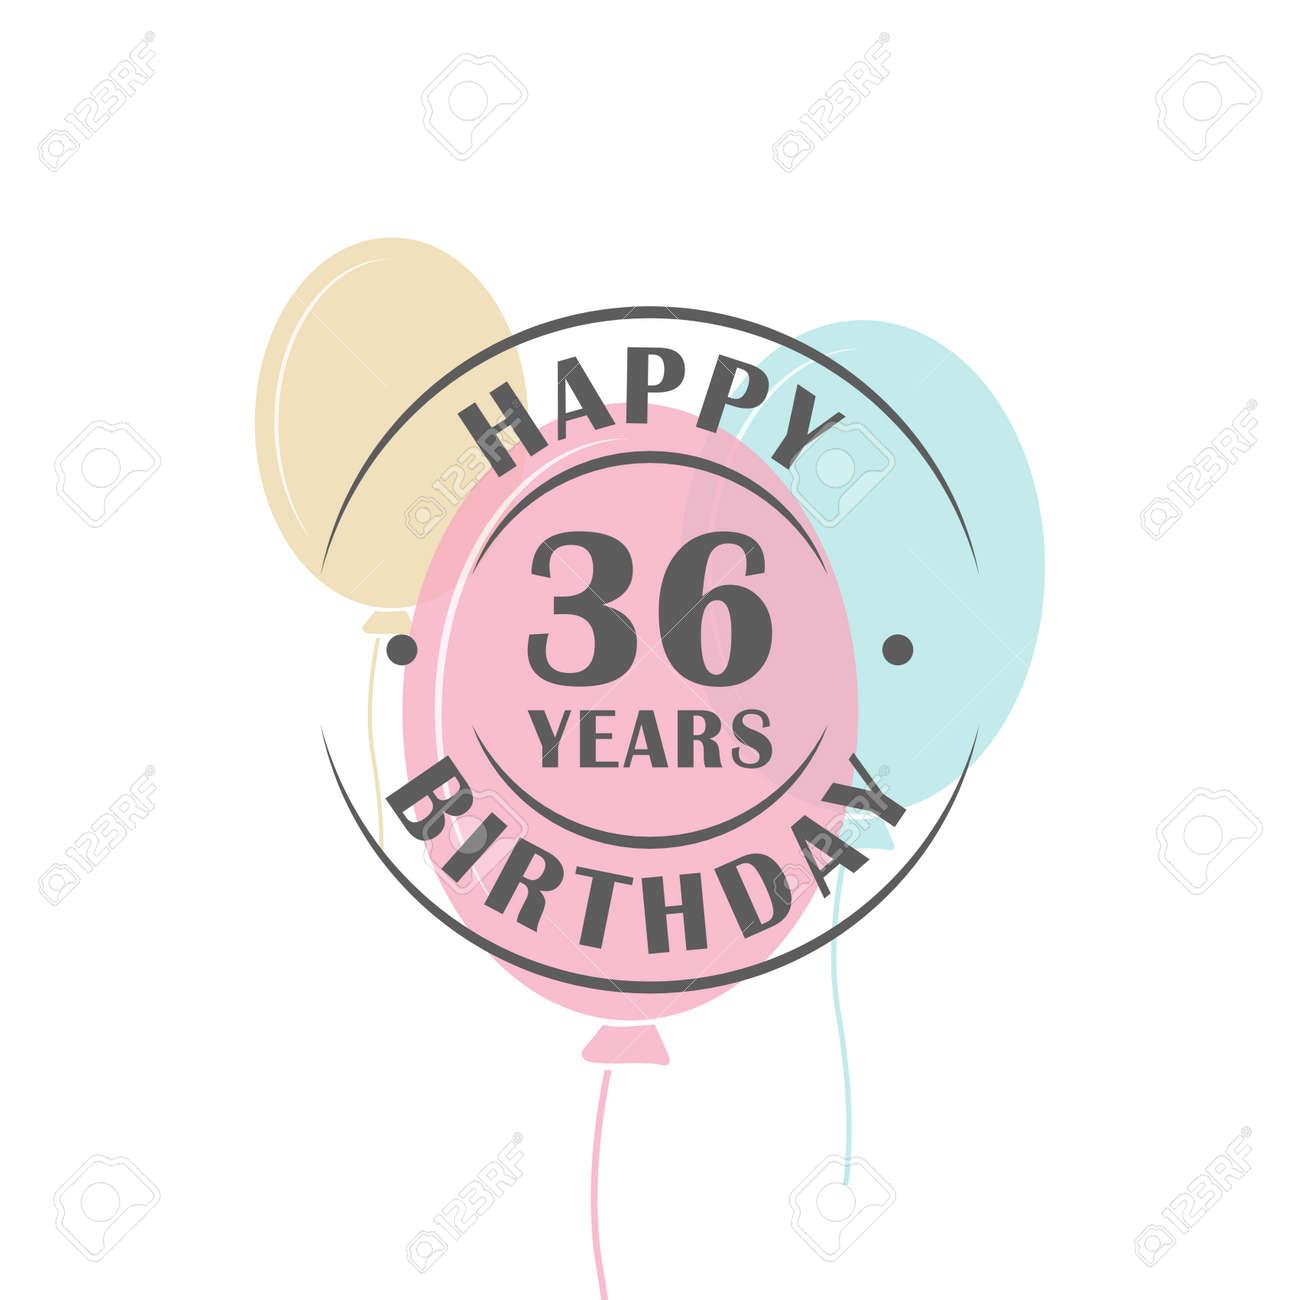 Alles Gute Zum Geburtstag 36 Jahre Rundes Logo Mit Festlichen